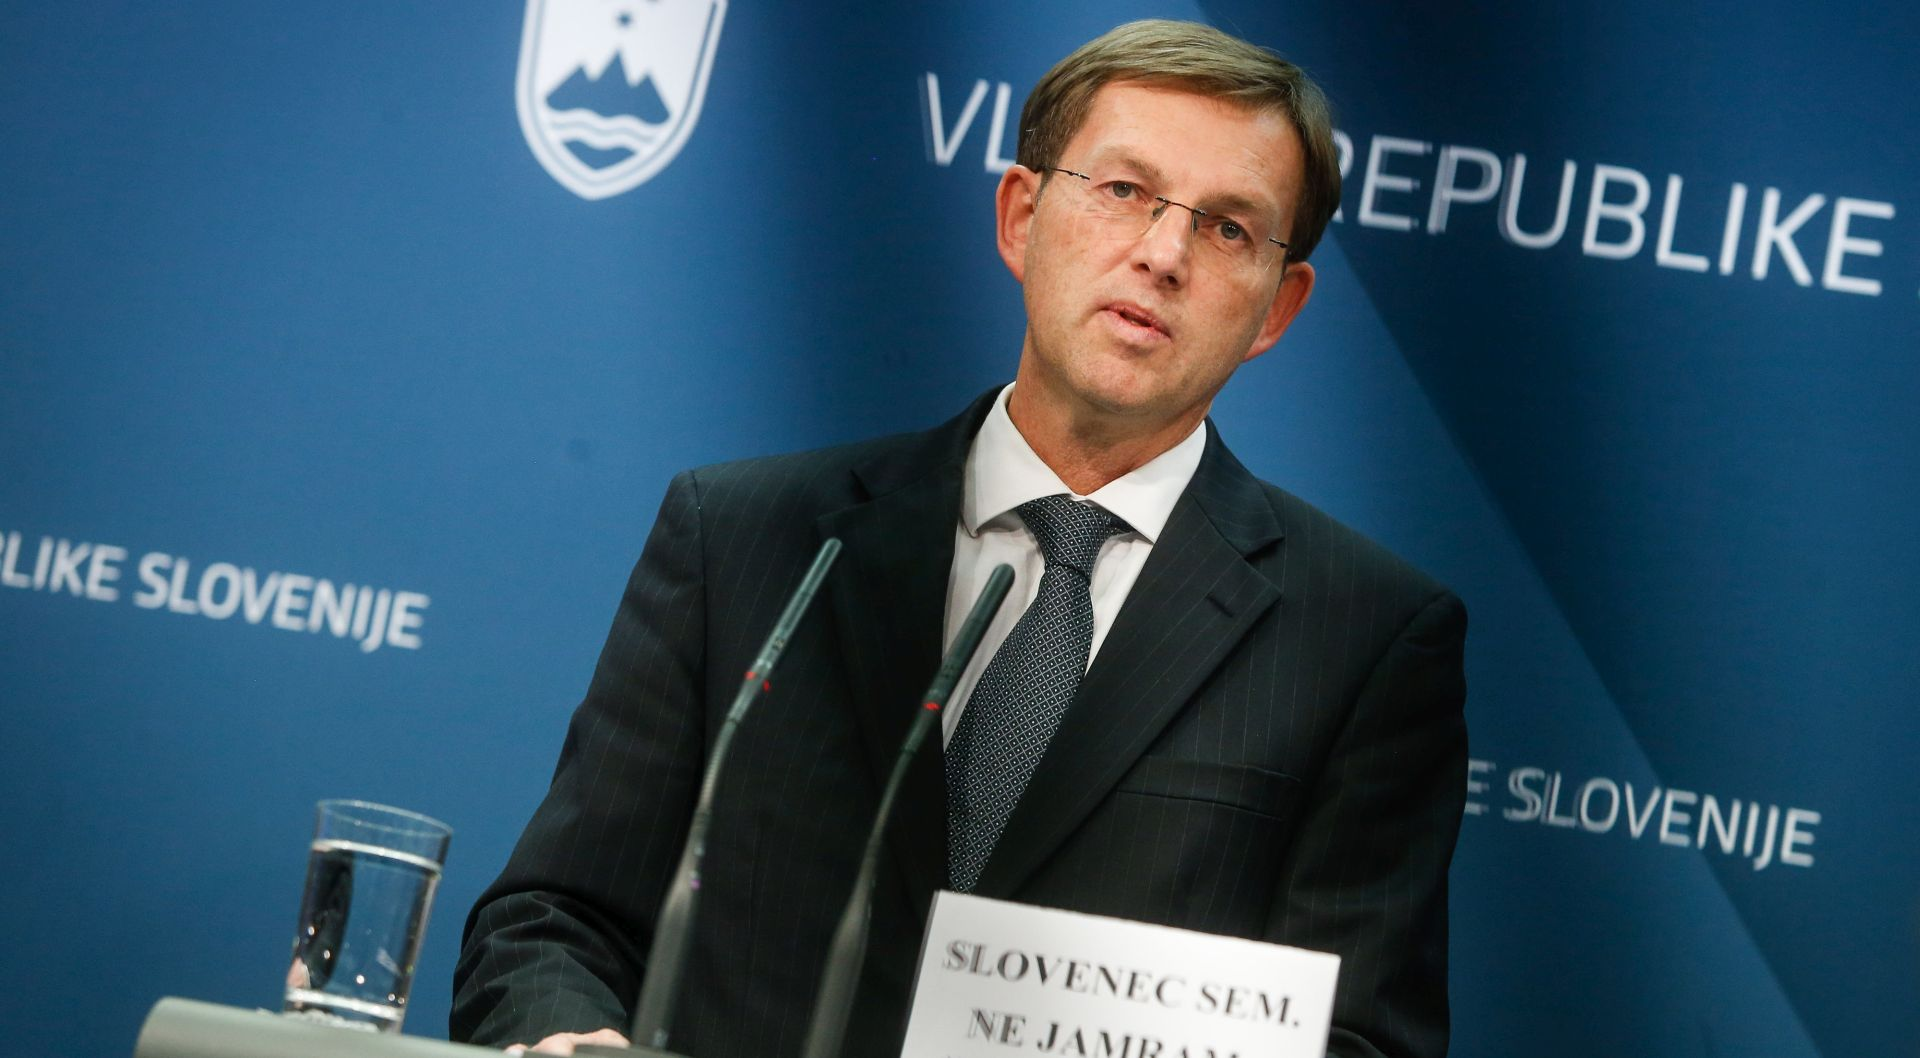 CERAR 'Stabilnost BiH bitna je za Sloveniju, ali i cijelu regiju'